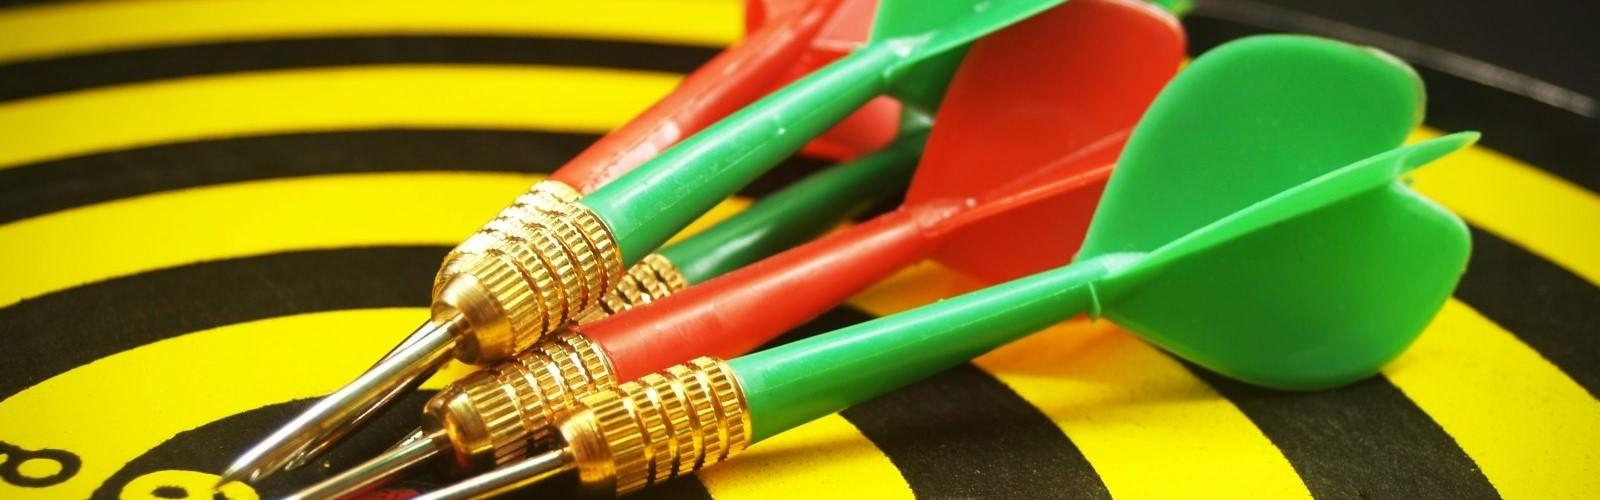 Foto van dartpijlen op een dartbord